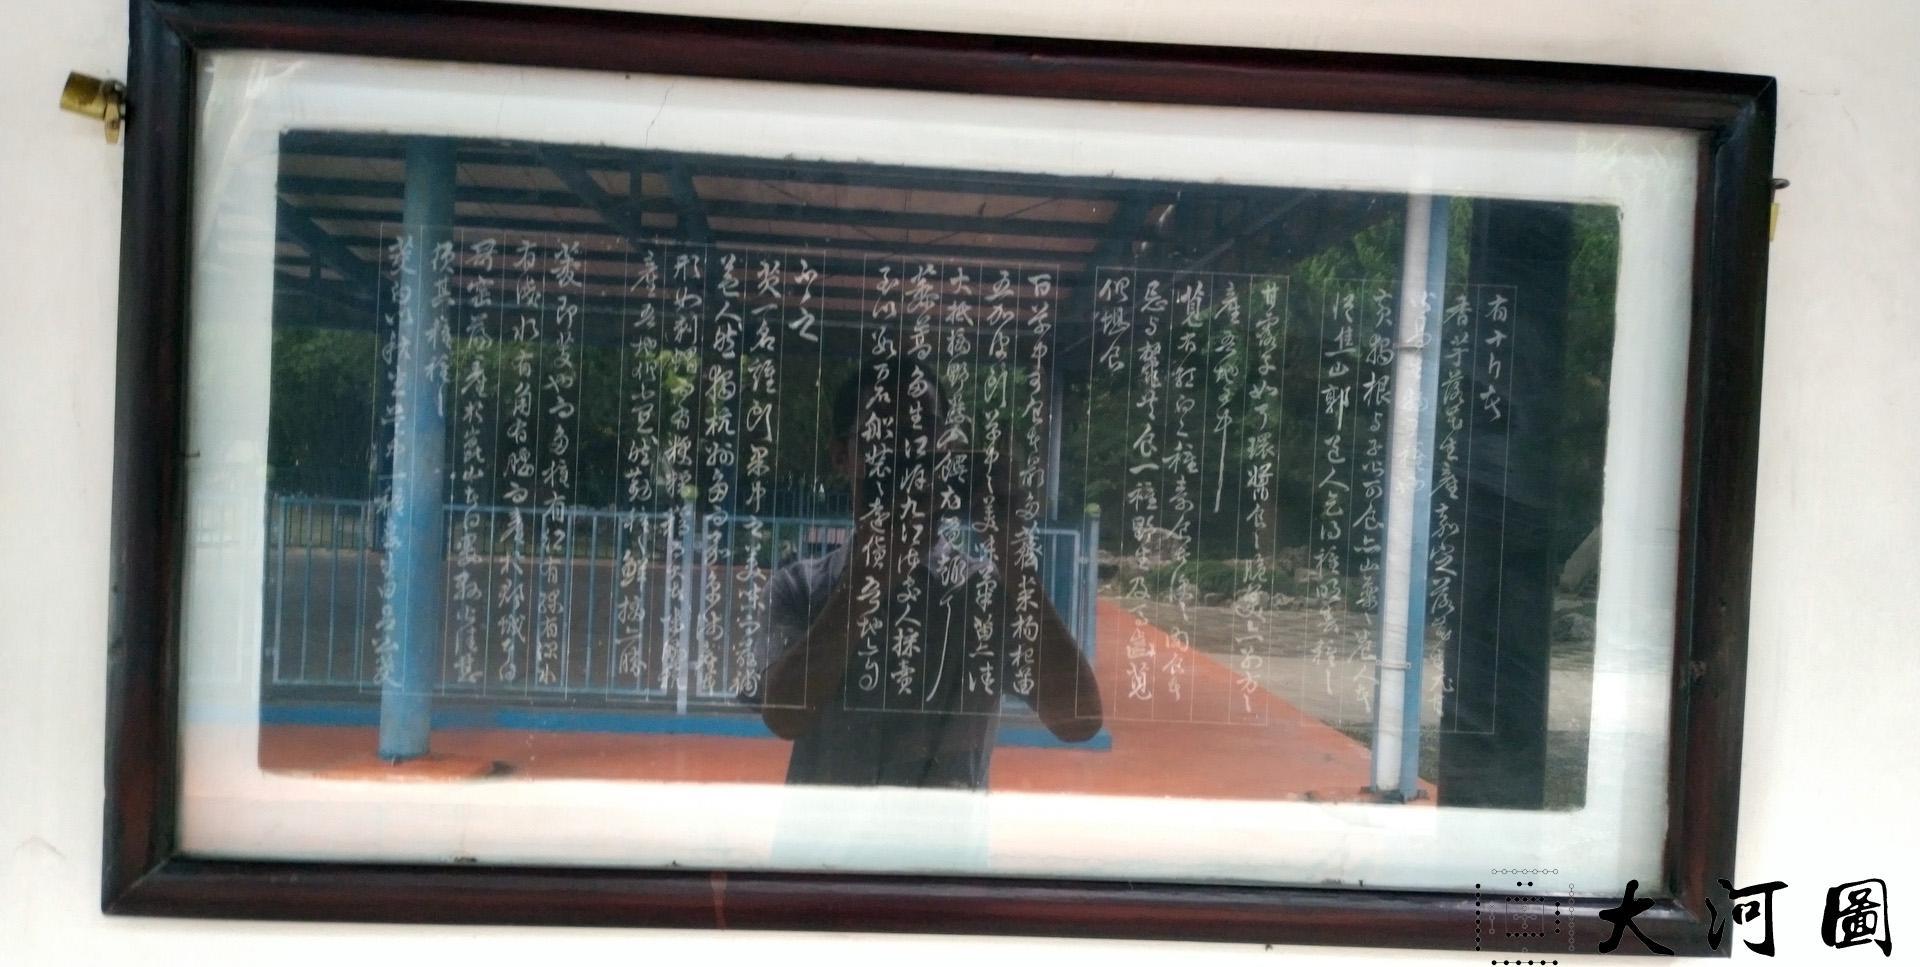 太仓弇山园石刻书法碑 石狮子 墨妙亭 这里是太仓 摄影 第25张